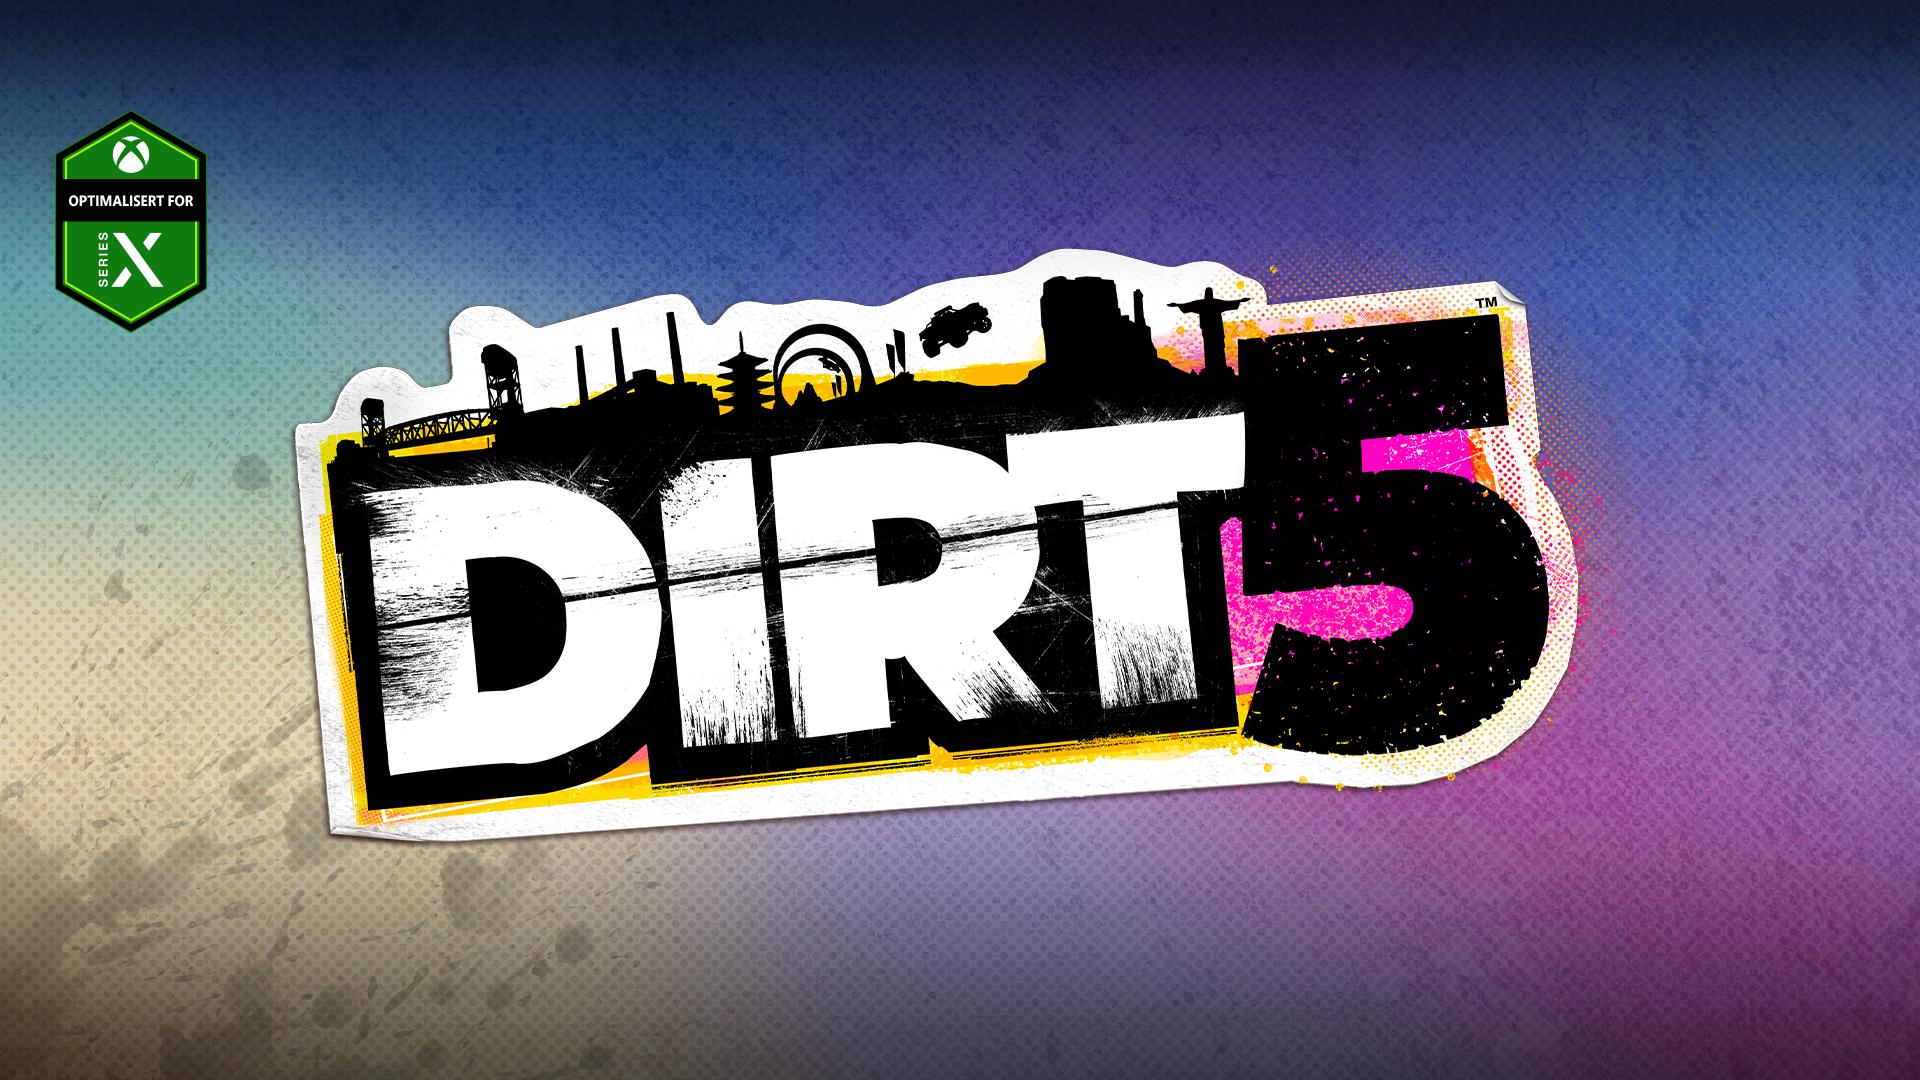 Optimalisert for Series X-logo, DIRT 5-logo på en fargerik bakgrunn